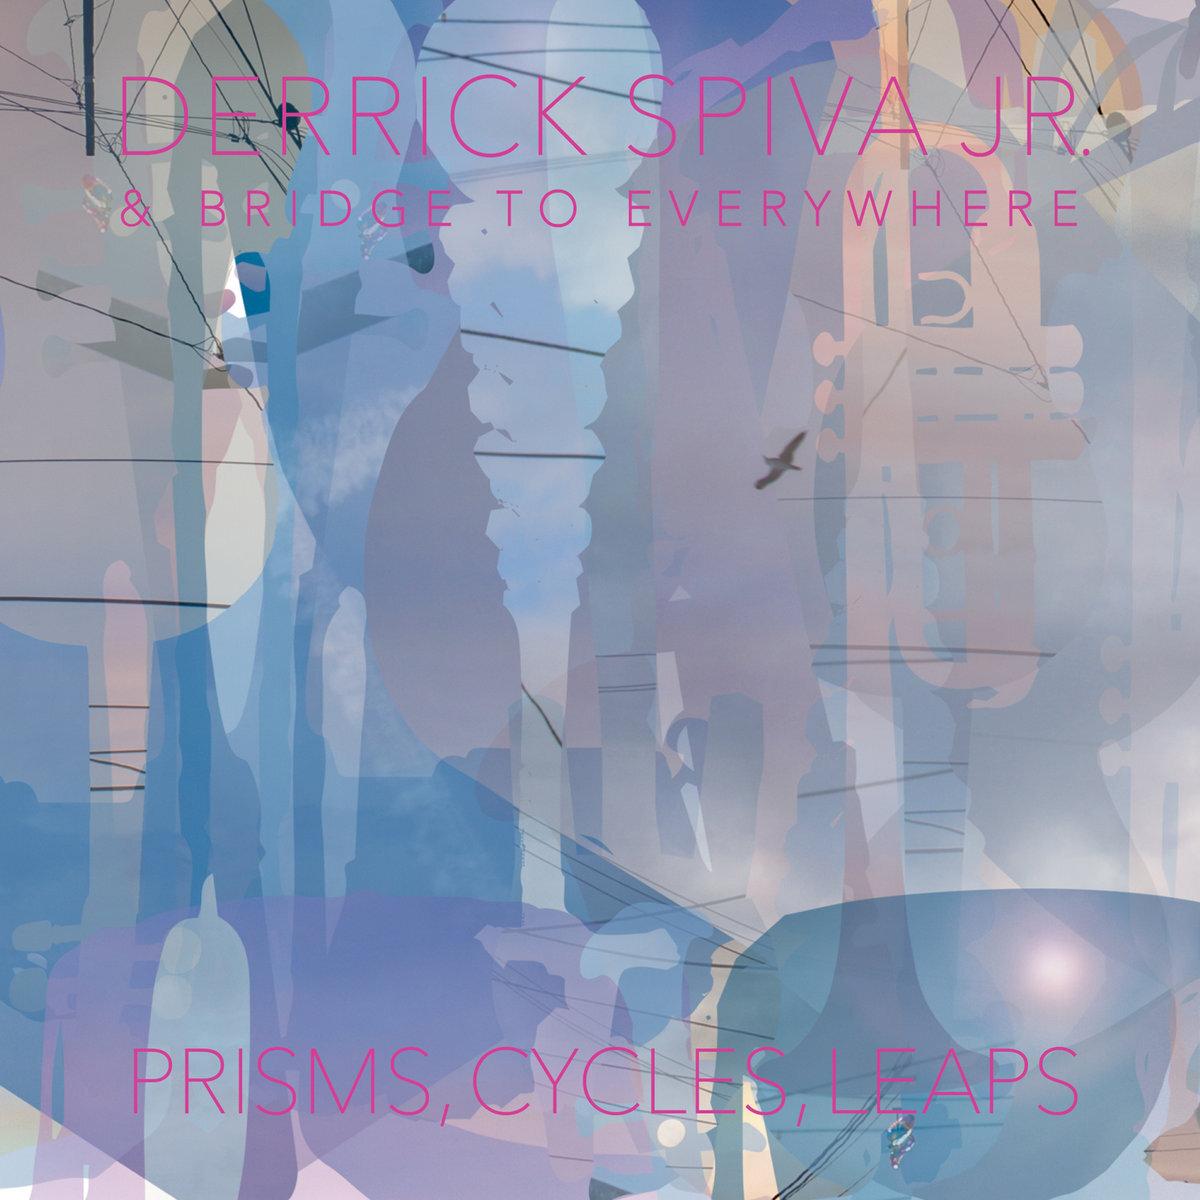 Derrick Spiva Jr. // Prisms, Cycles, Leaps